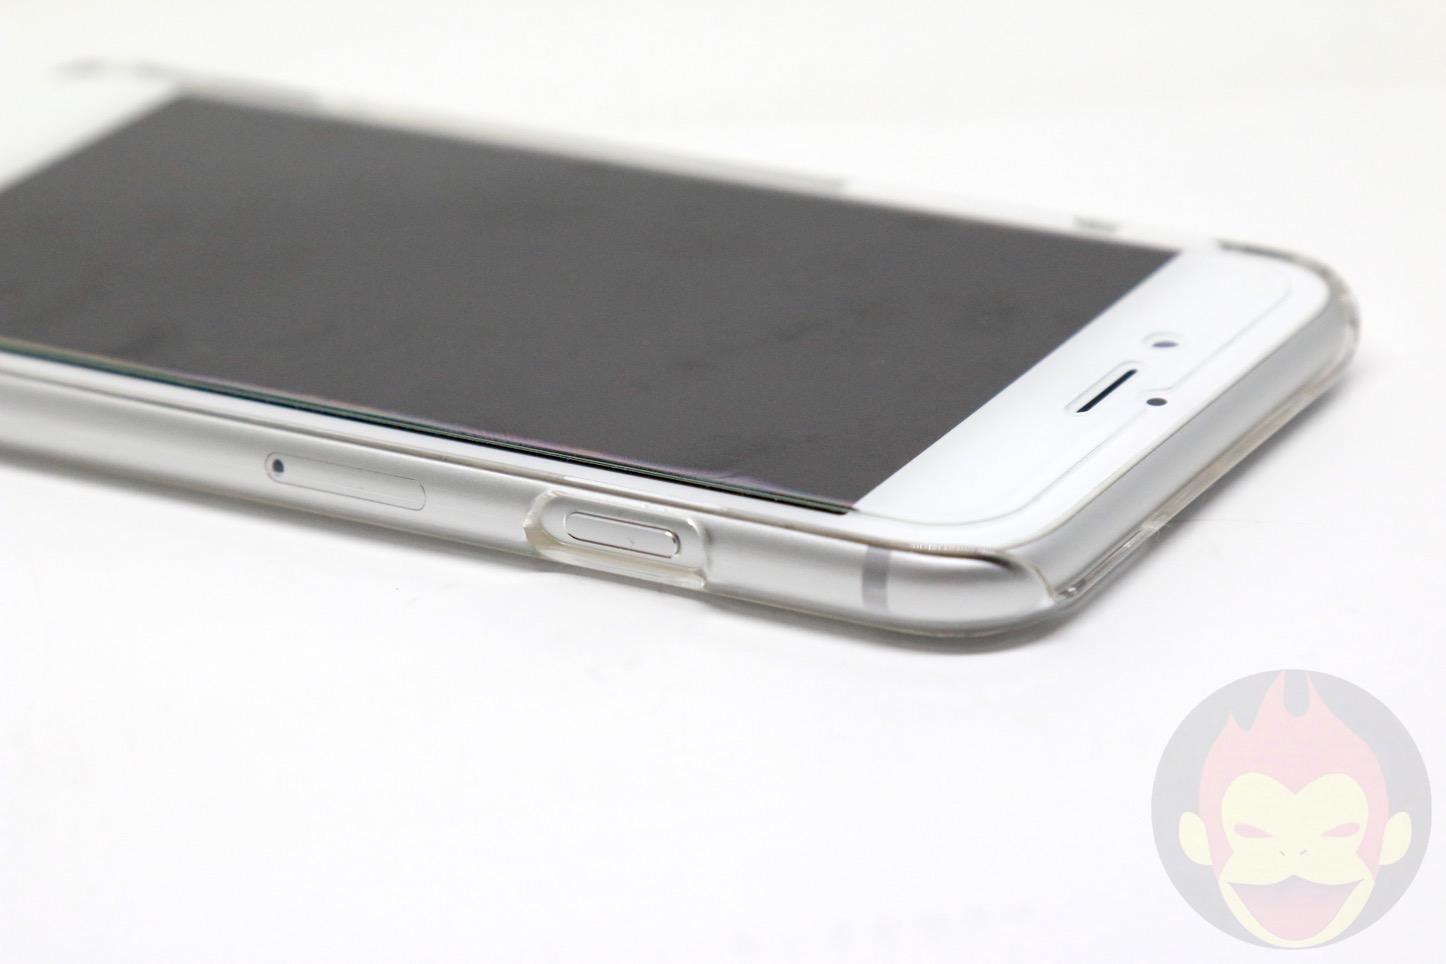 iPhone6s-Spigen-Thin-Fit-Case-04.JPG